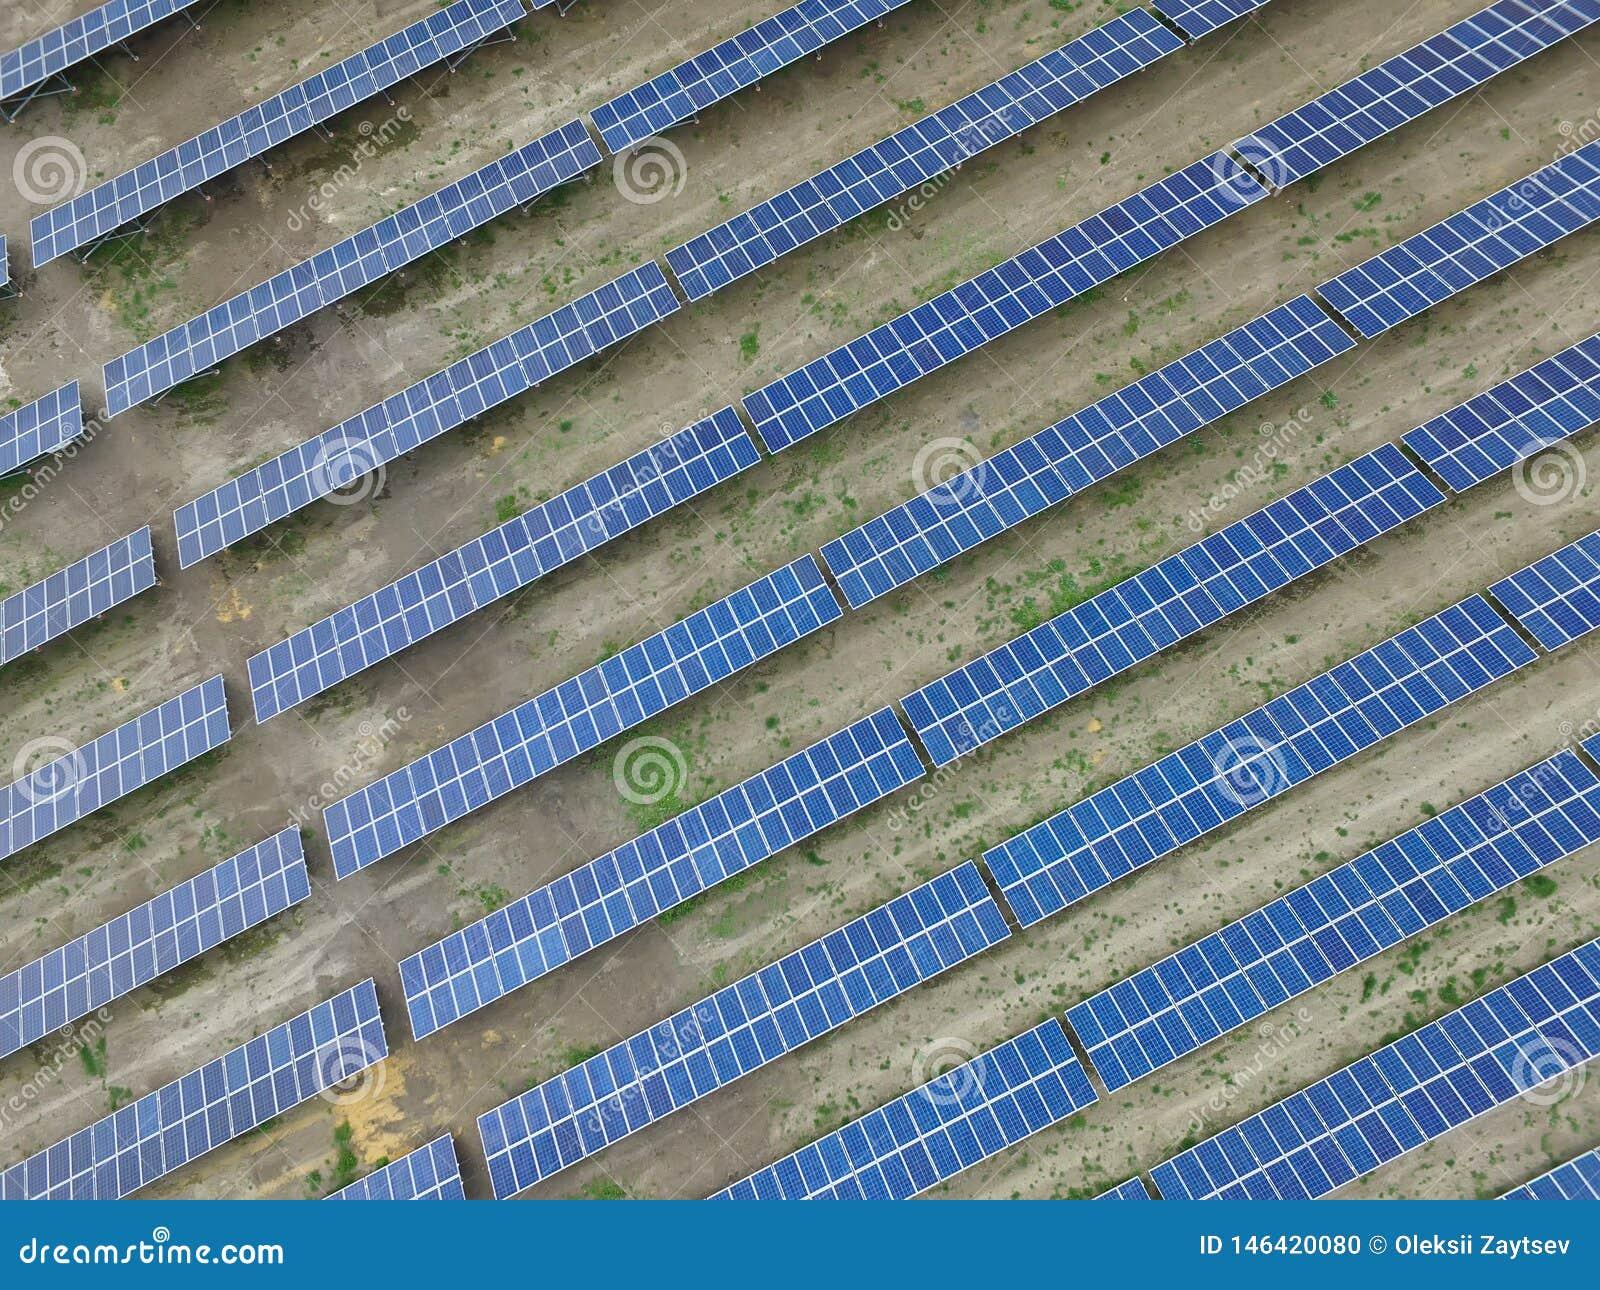 Satellietbeeld van een zonnelandbouwbedrijf dat schone vernieuwbare zonenergie veroorzaakt